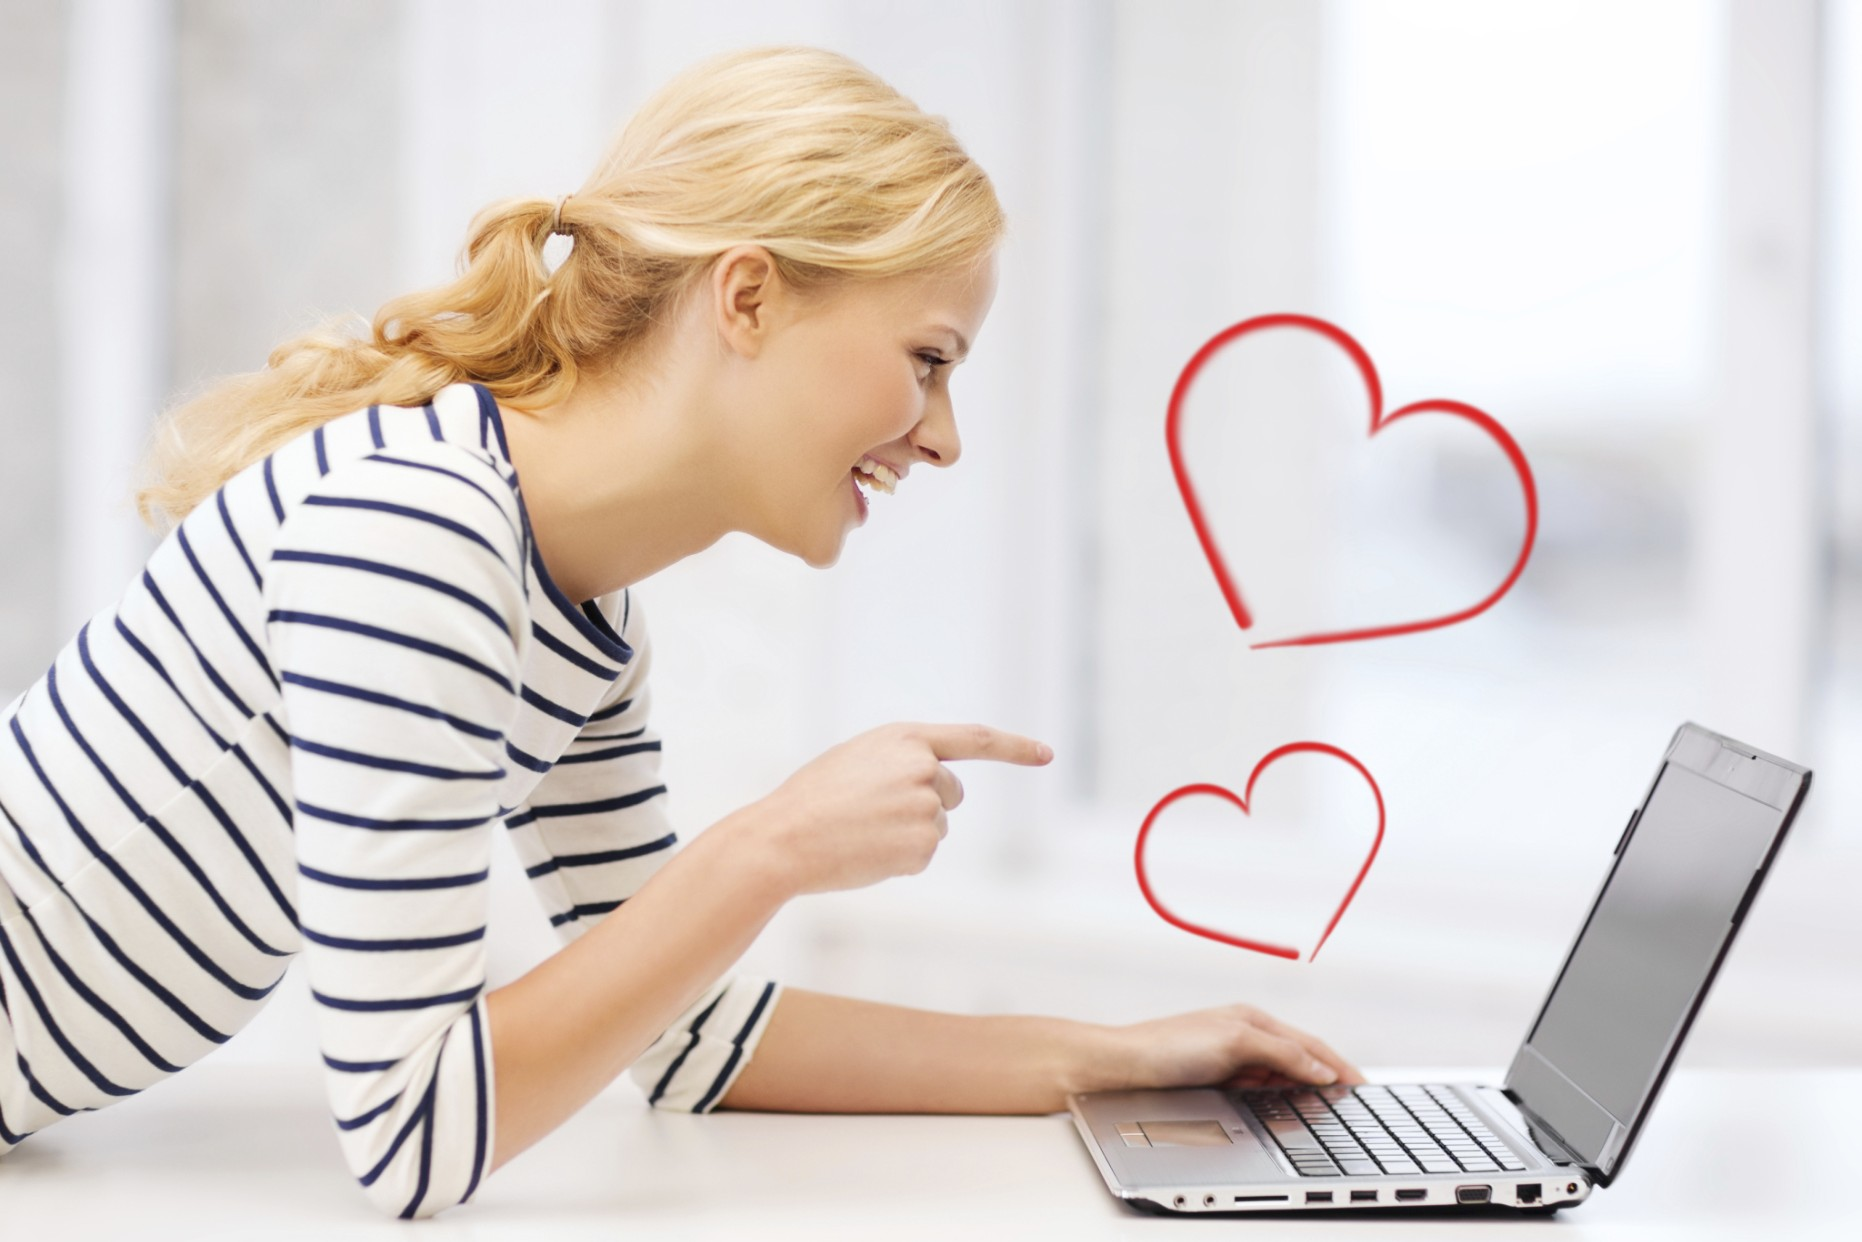 Best dating website 30s